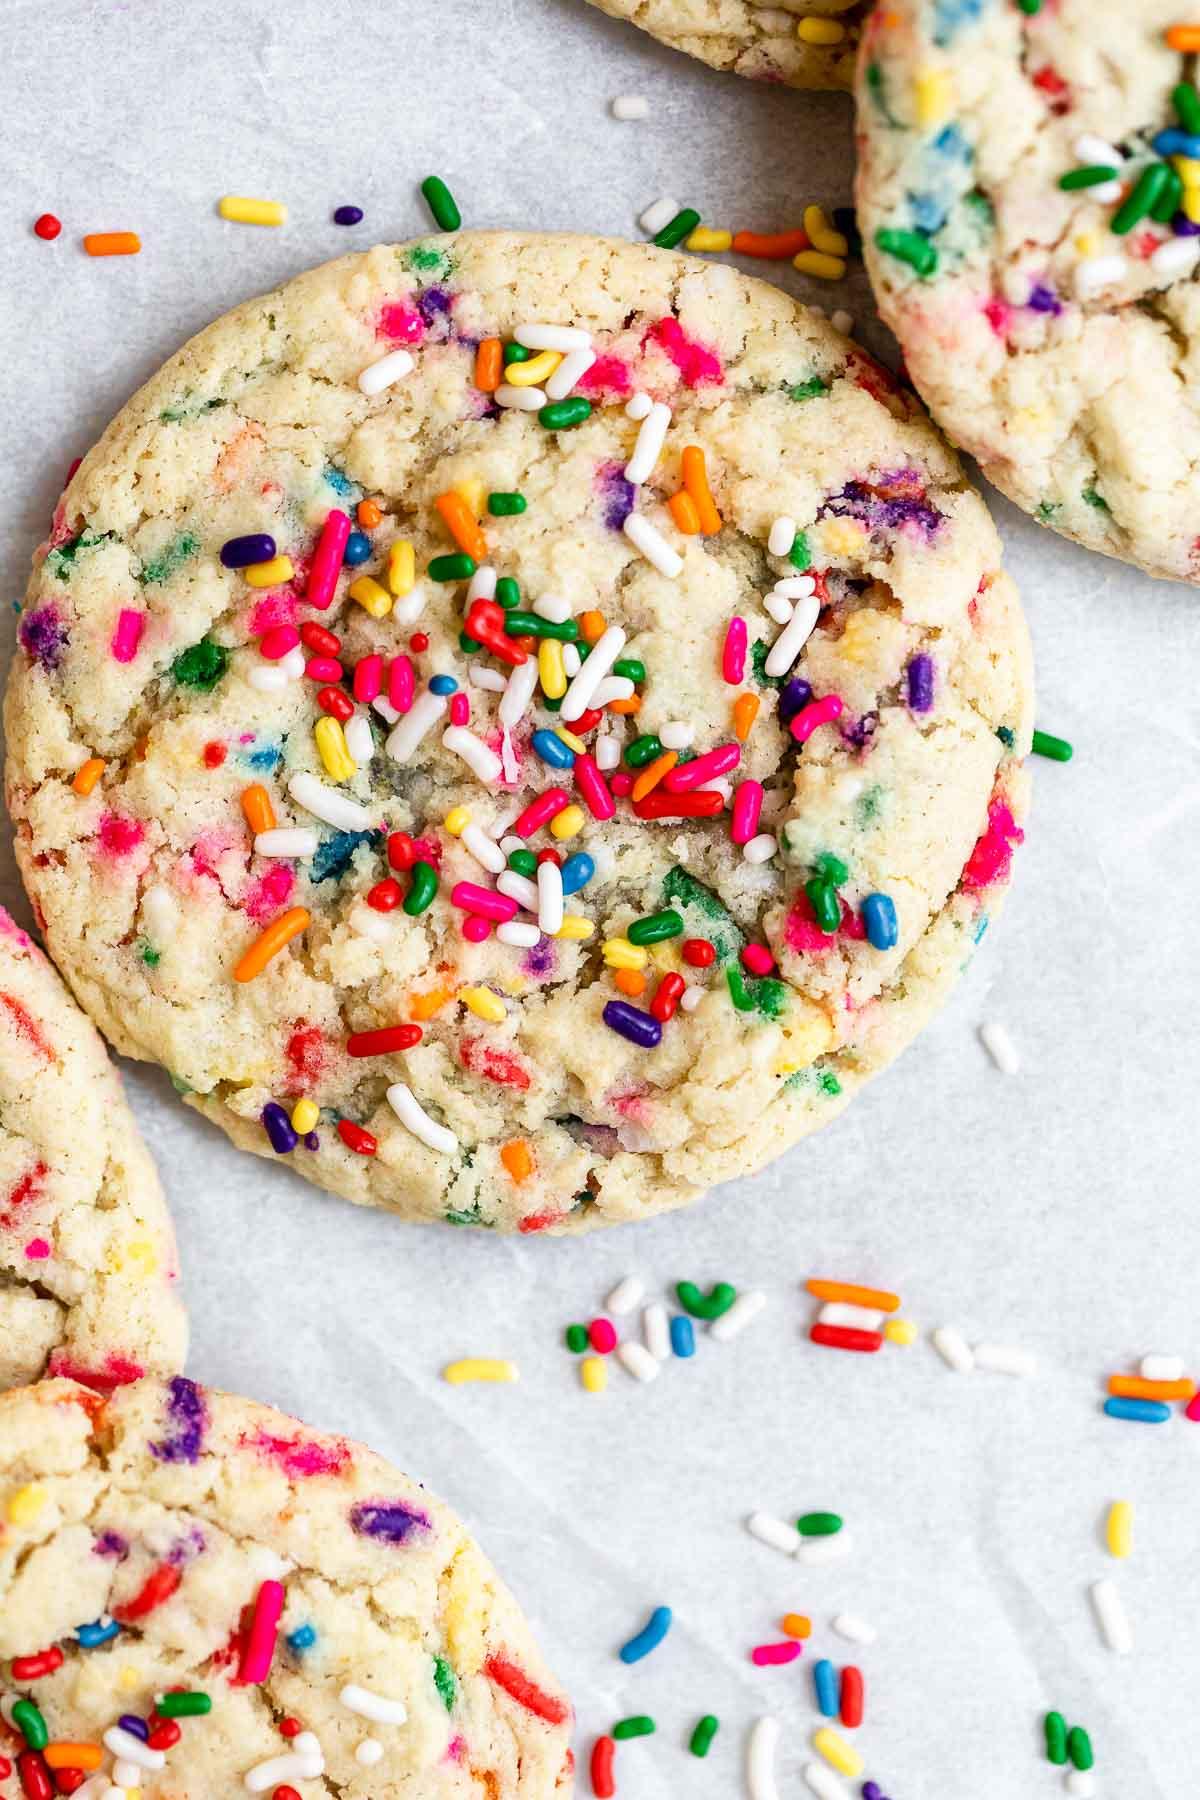 Vegan funfetti sugar cookies with sprinkles.